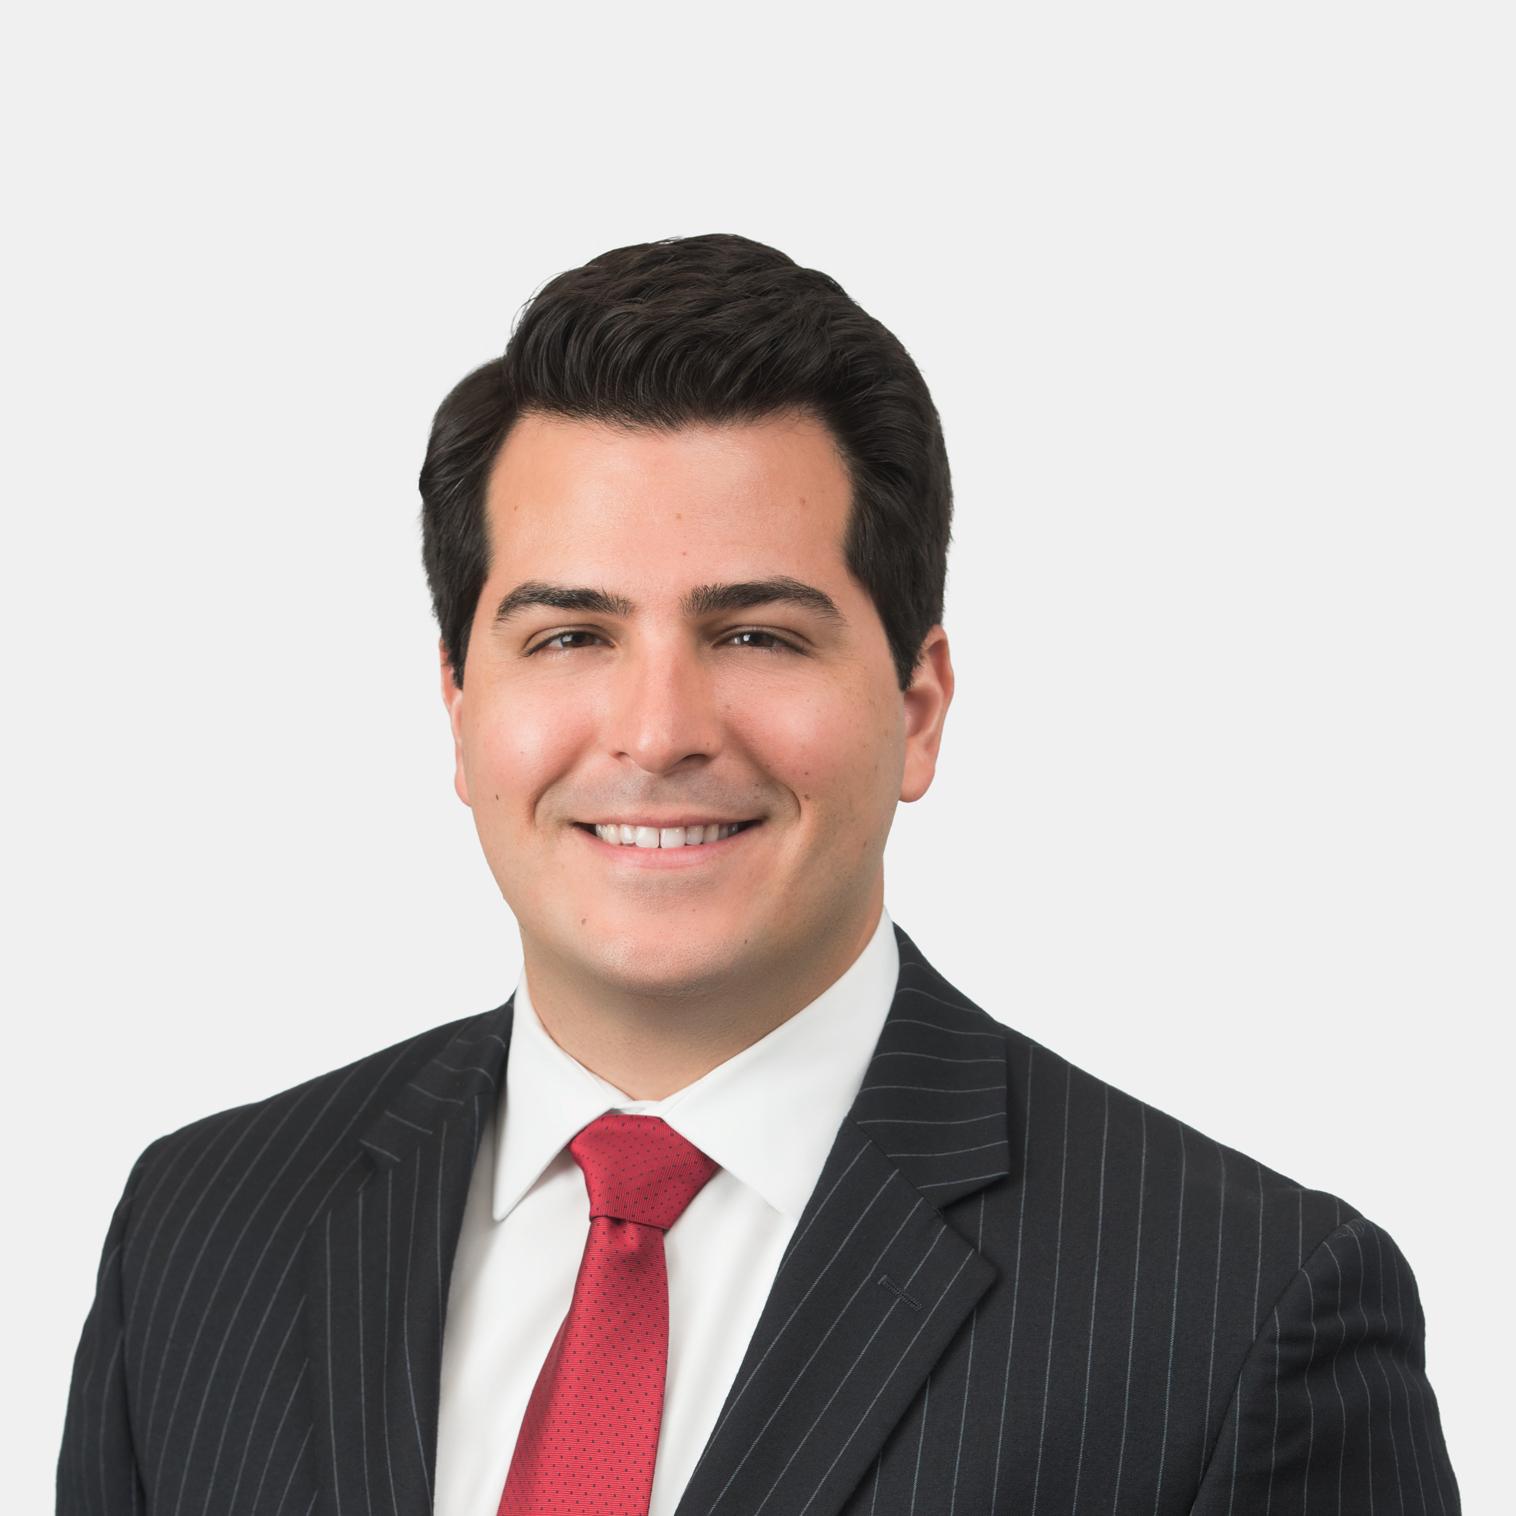 Andrew J. Dominguez